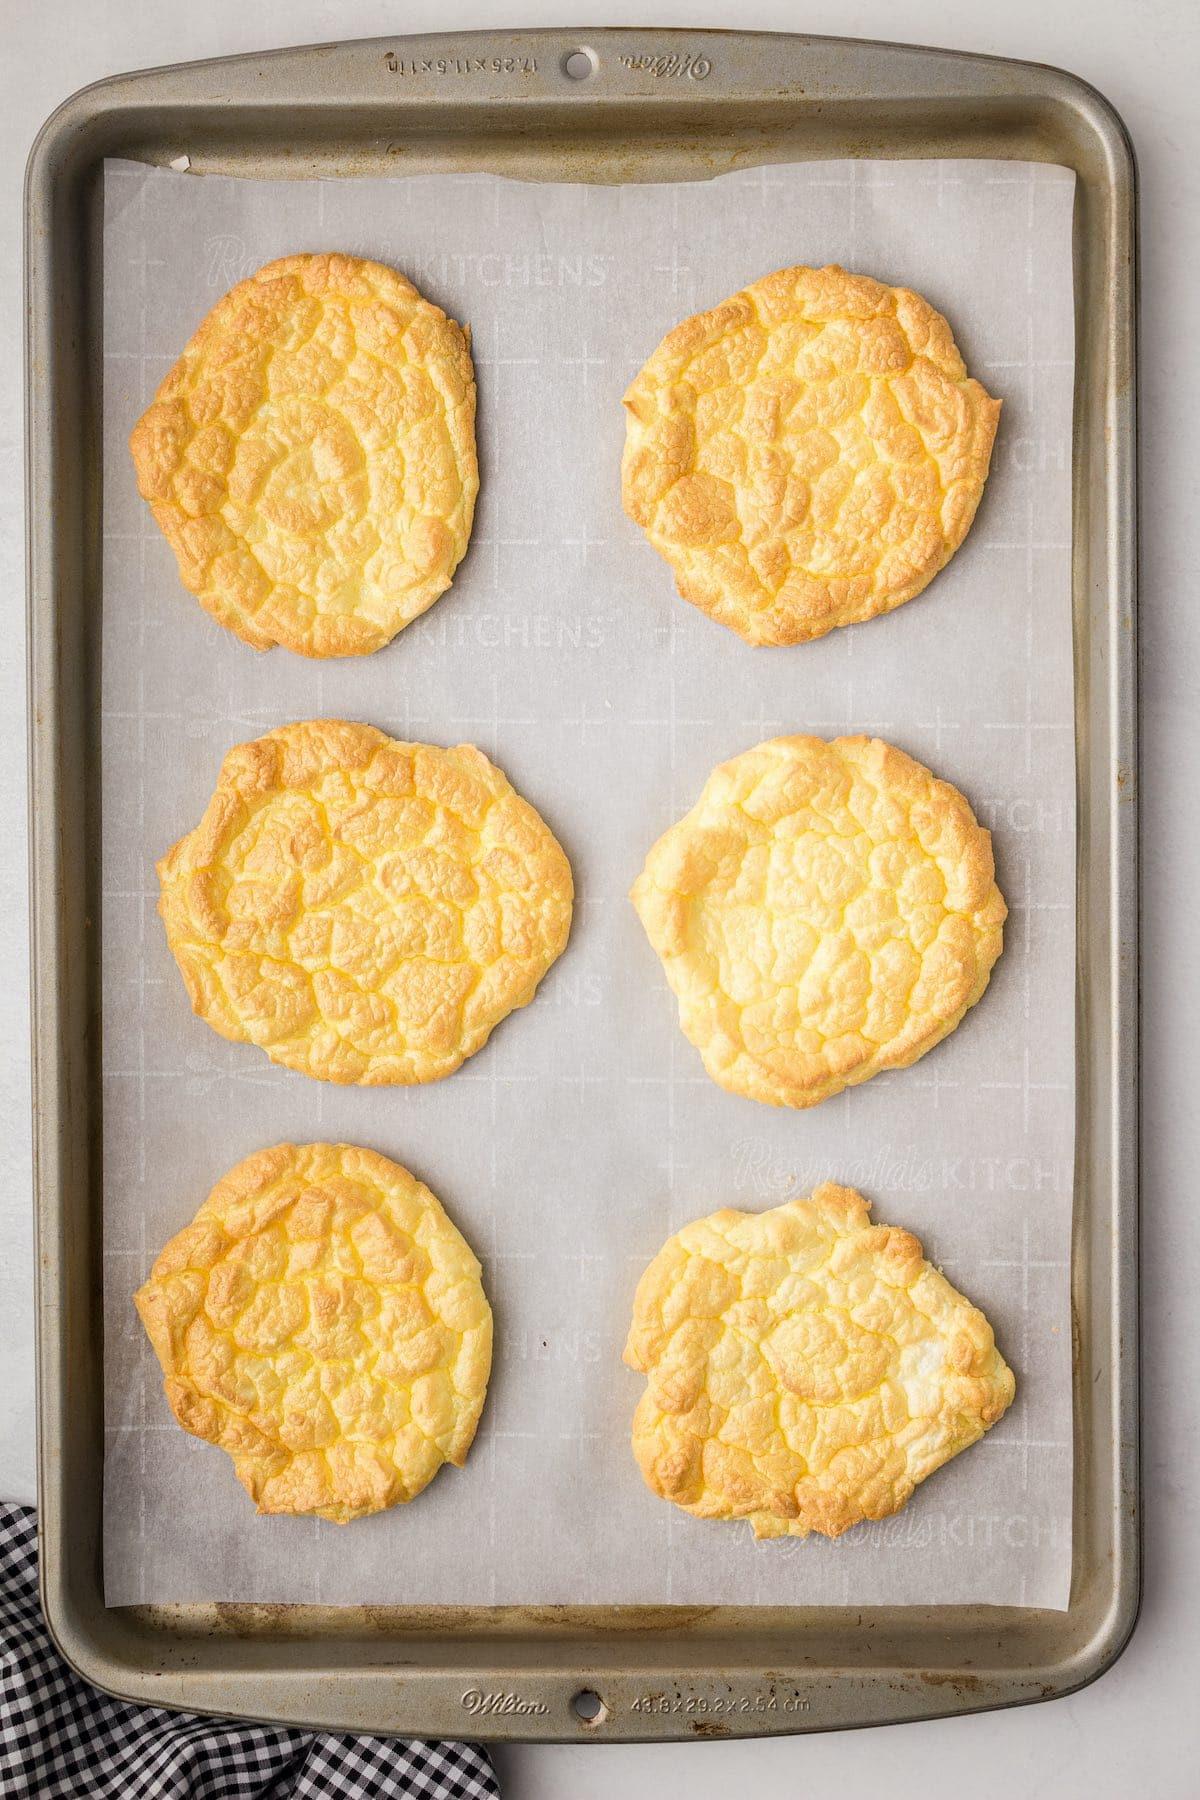 6 cloud bread in a baking tray